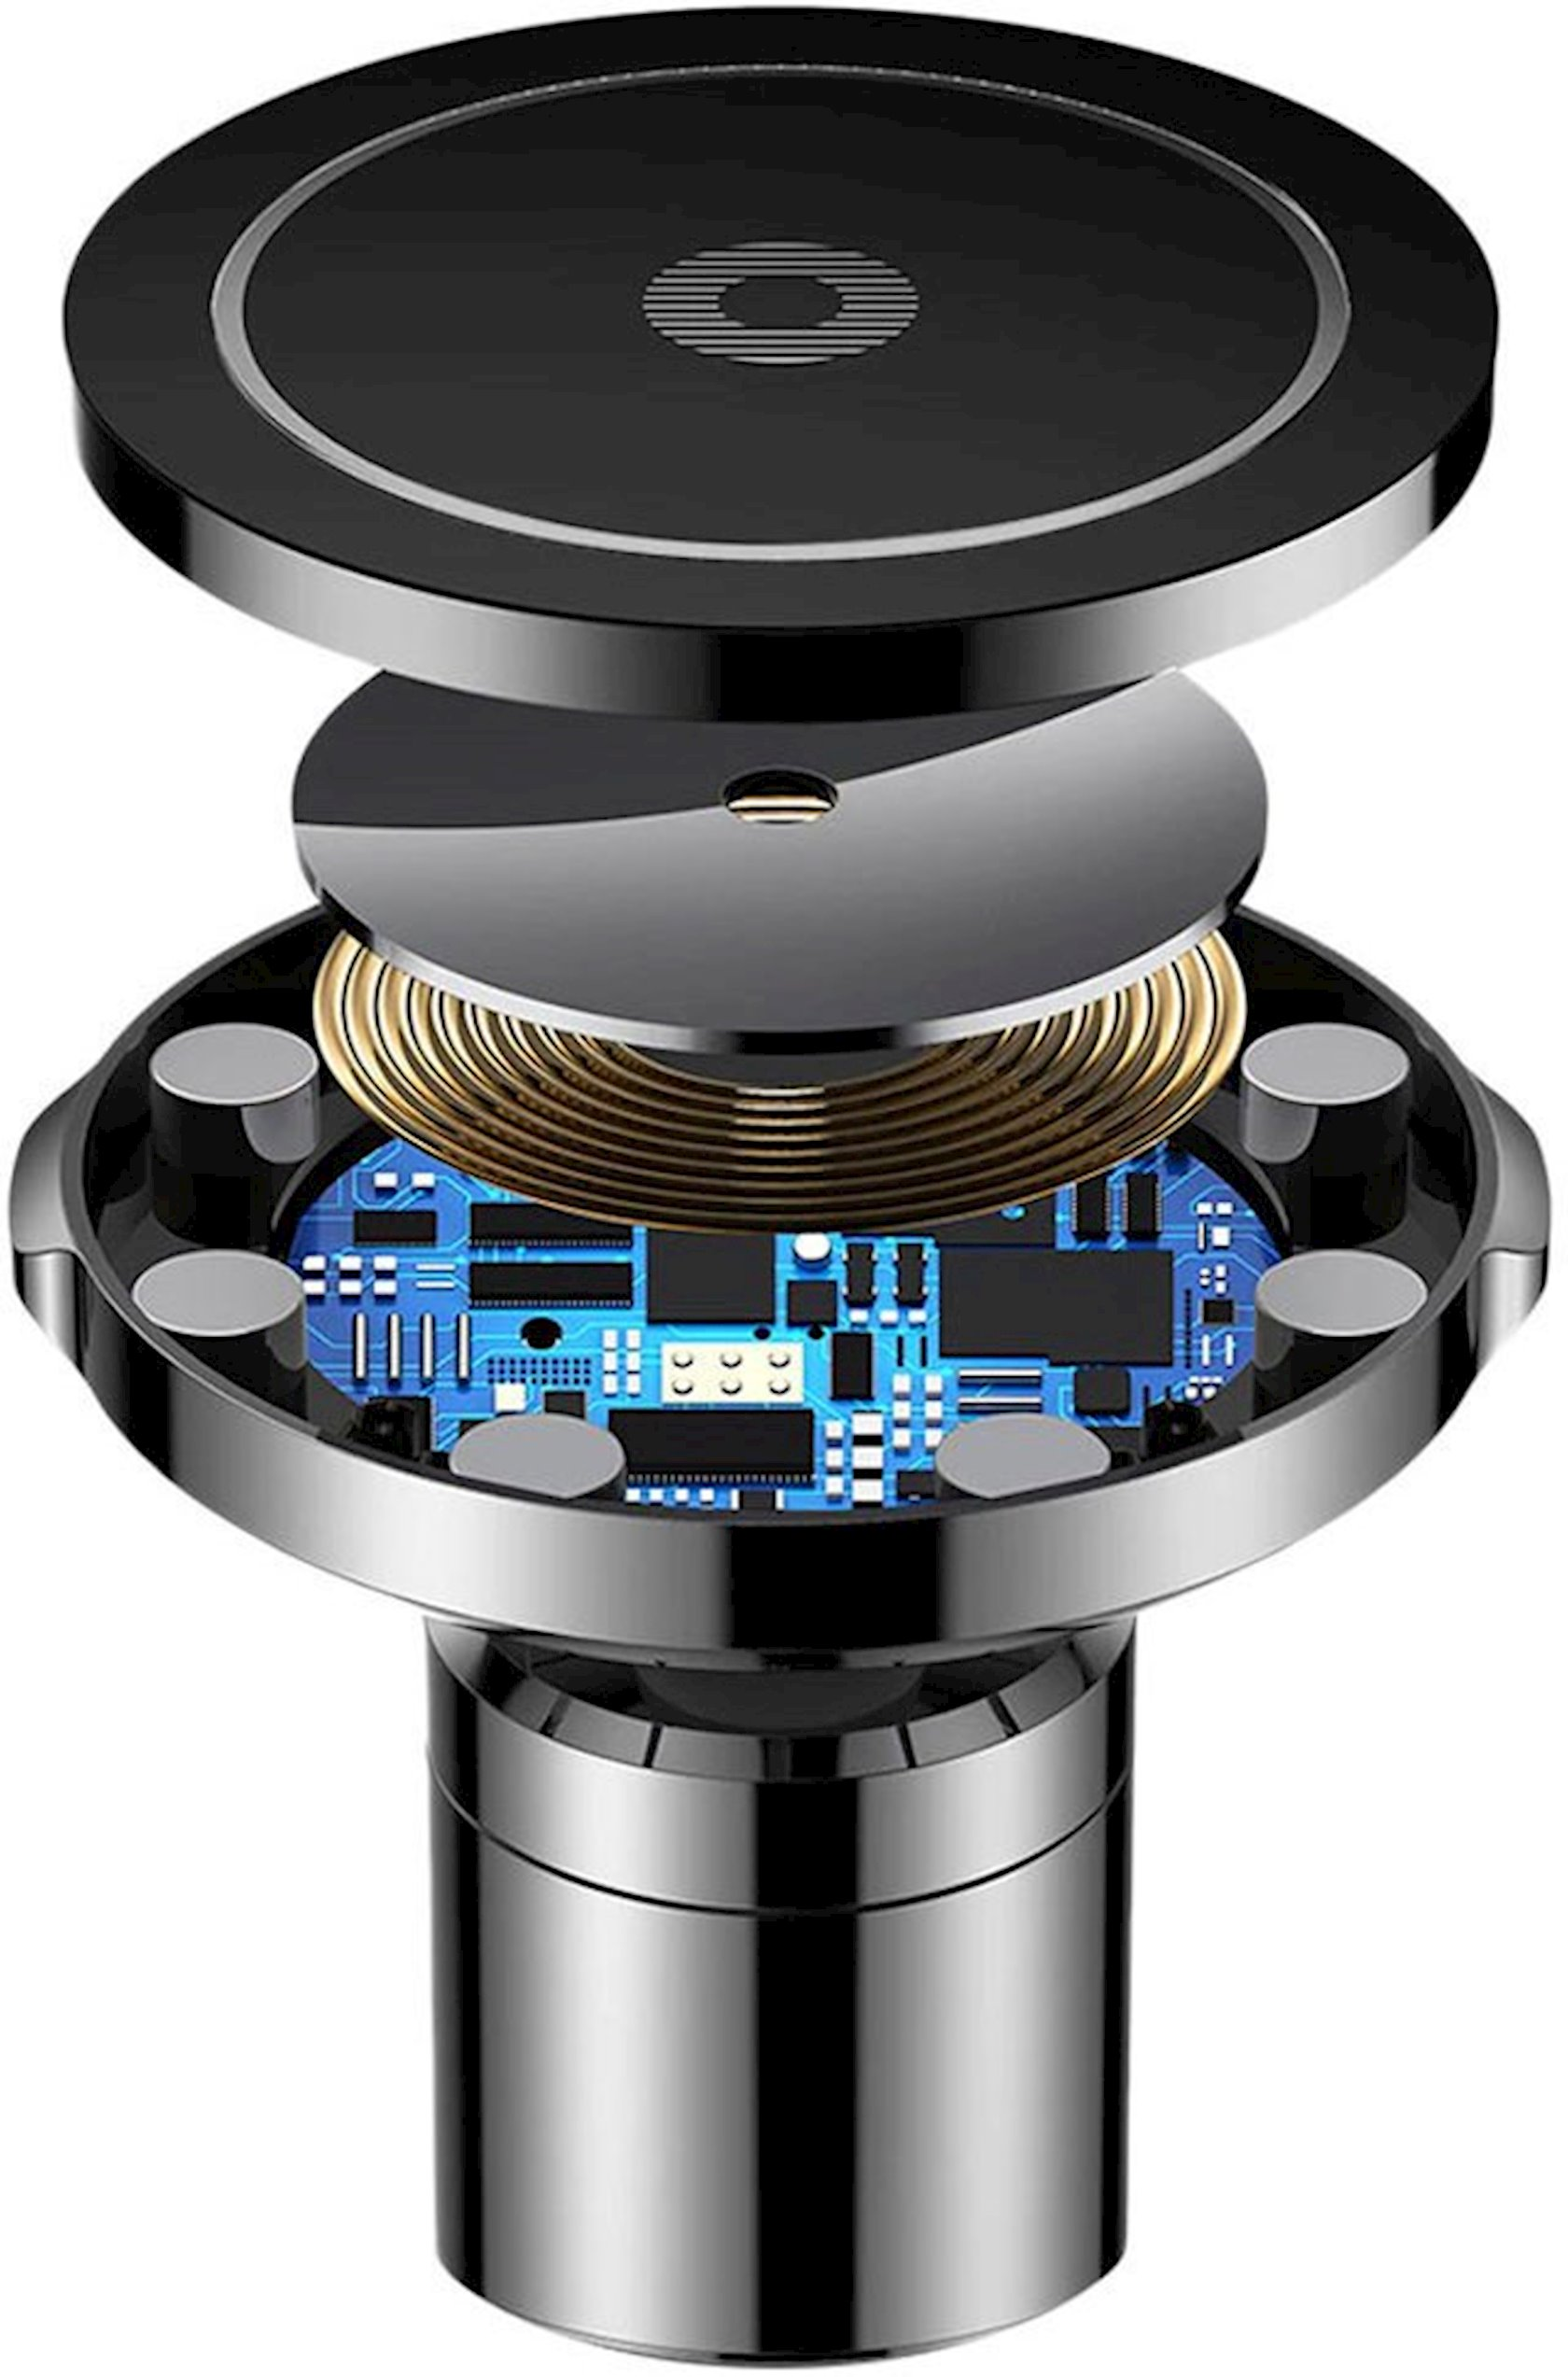 Avtomobil üçün telefon tutucusu Baseus Big Ears Car Mount Wireless Charger, simsiz enerji yığma ilə, WXER-01, qara